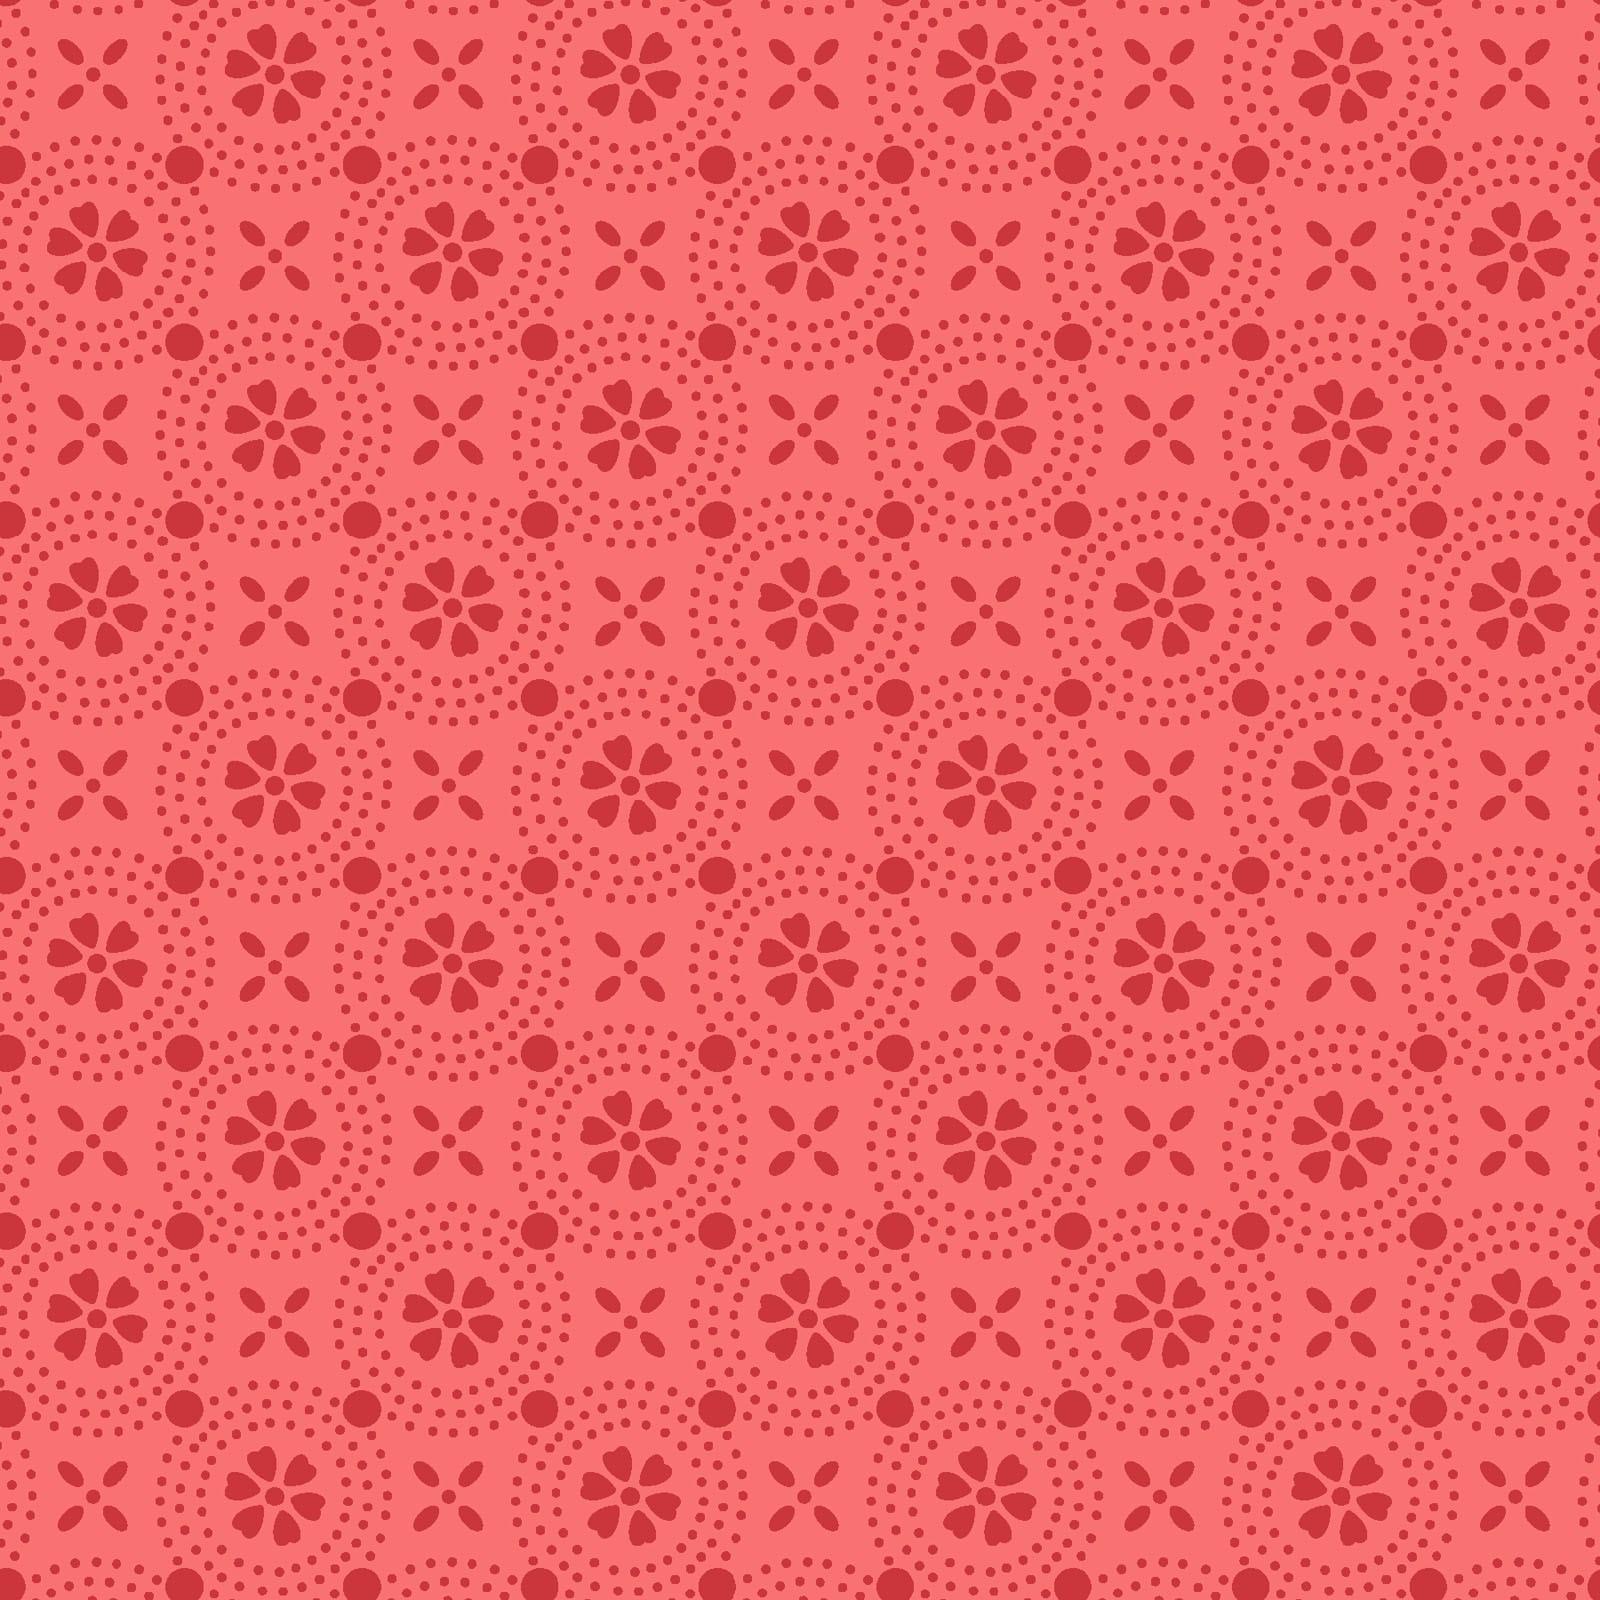 KimberBell Basic - Peachy Pink Dotted Circles